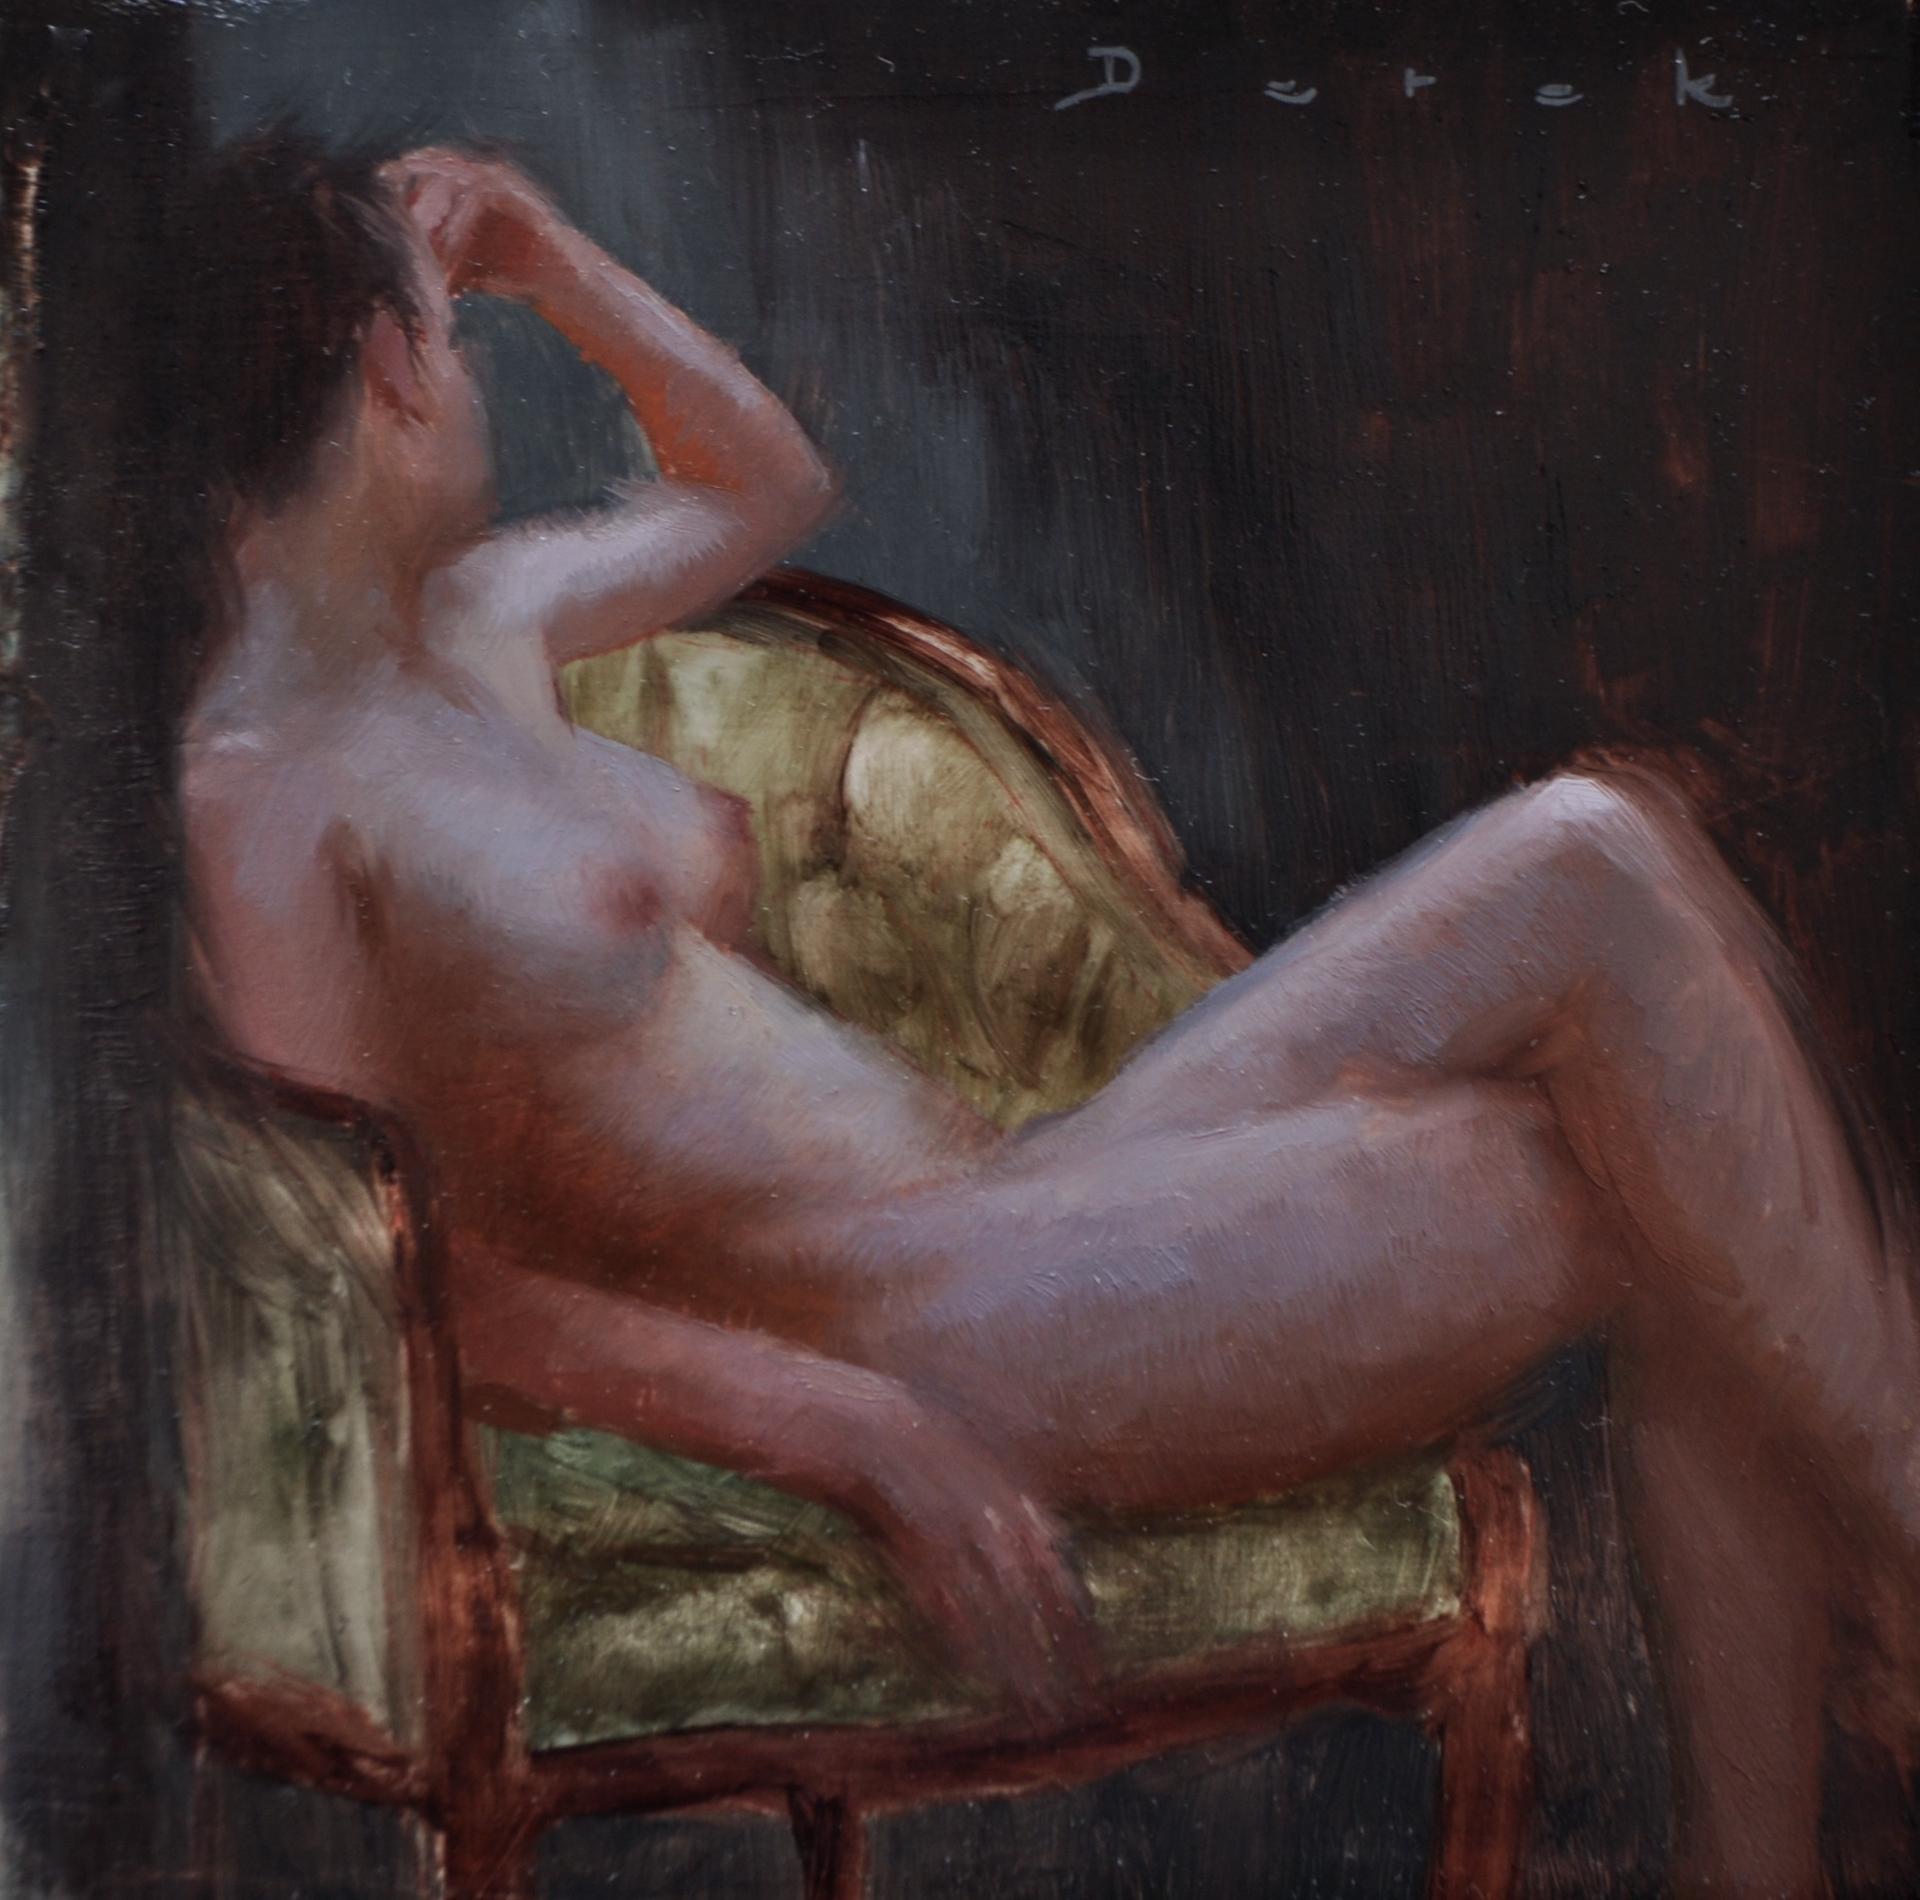 Seated Figure 2 by Derek Harrison